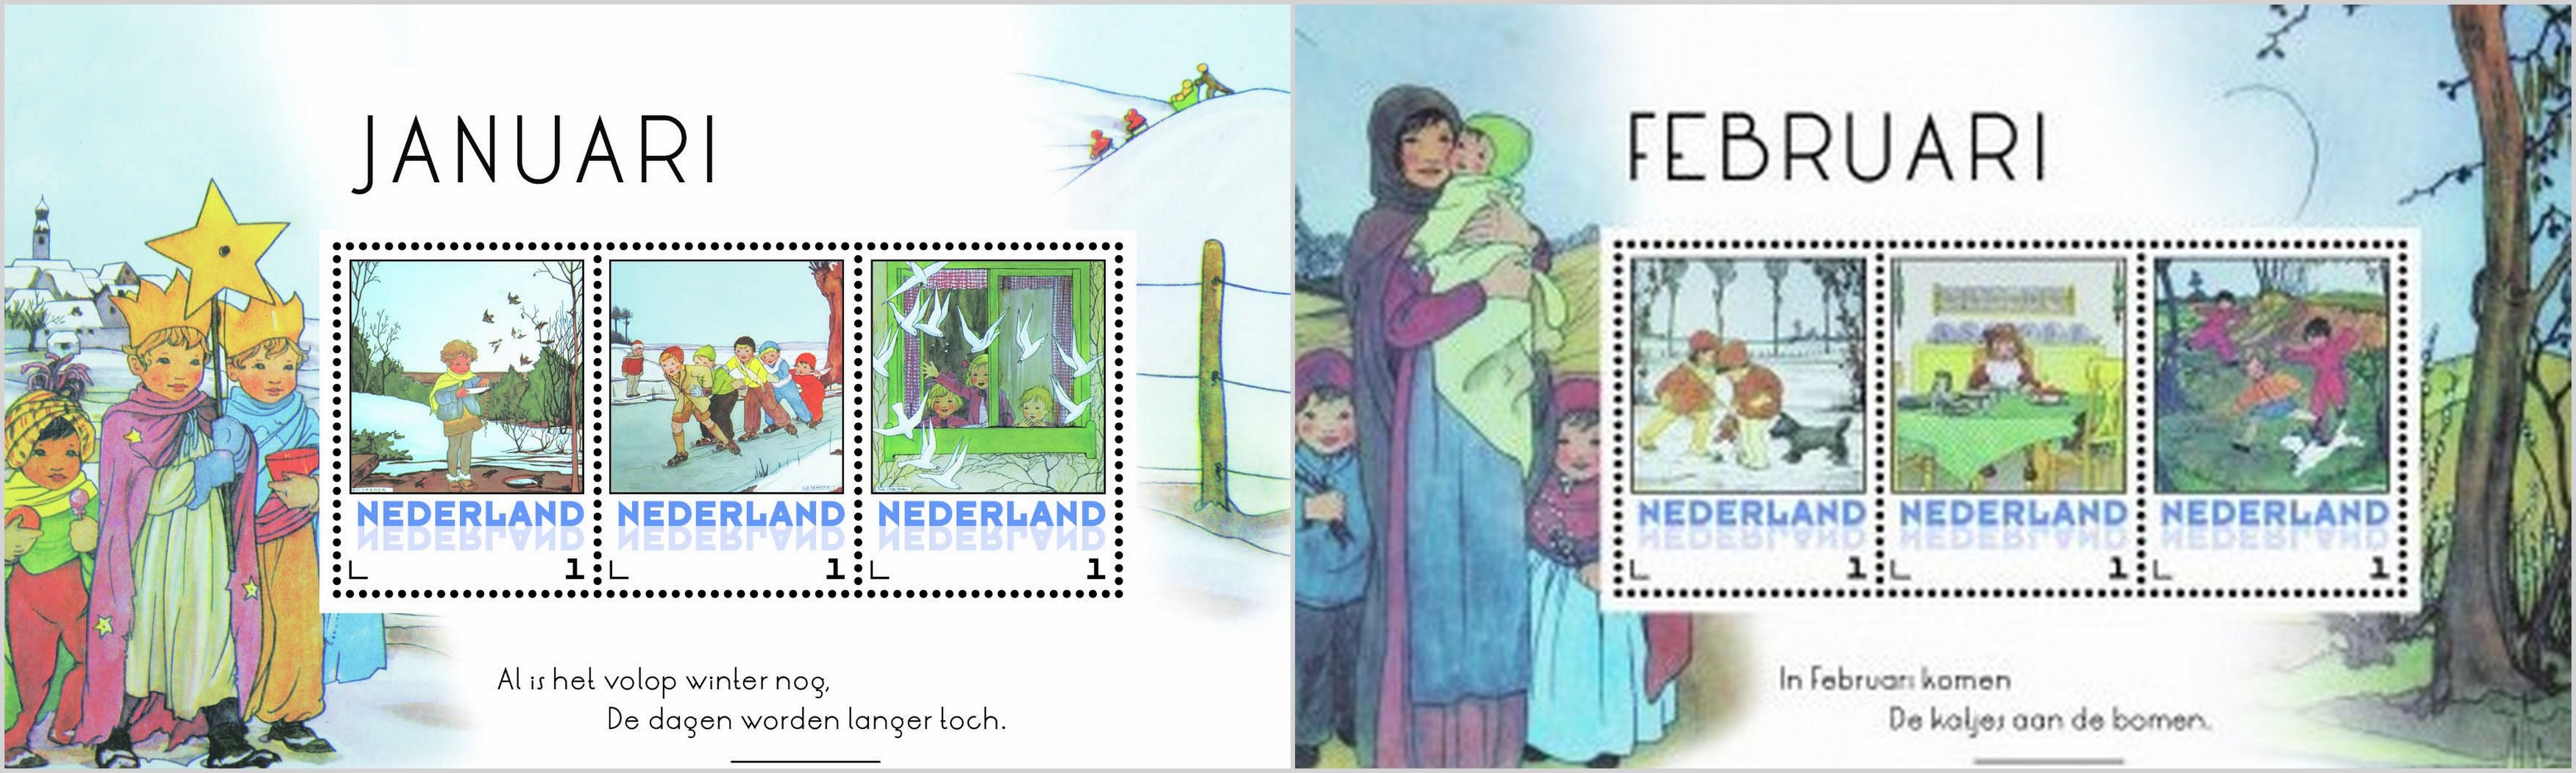 Postzegelnieuwtjes III1